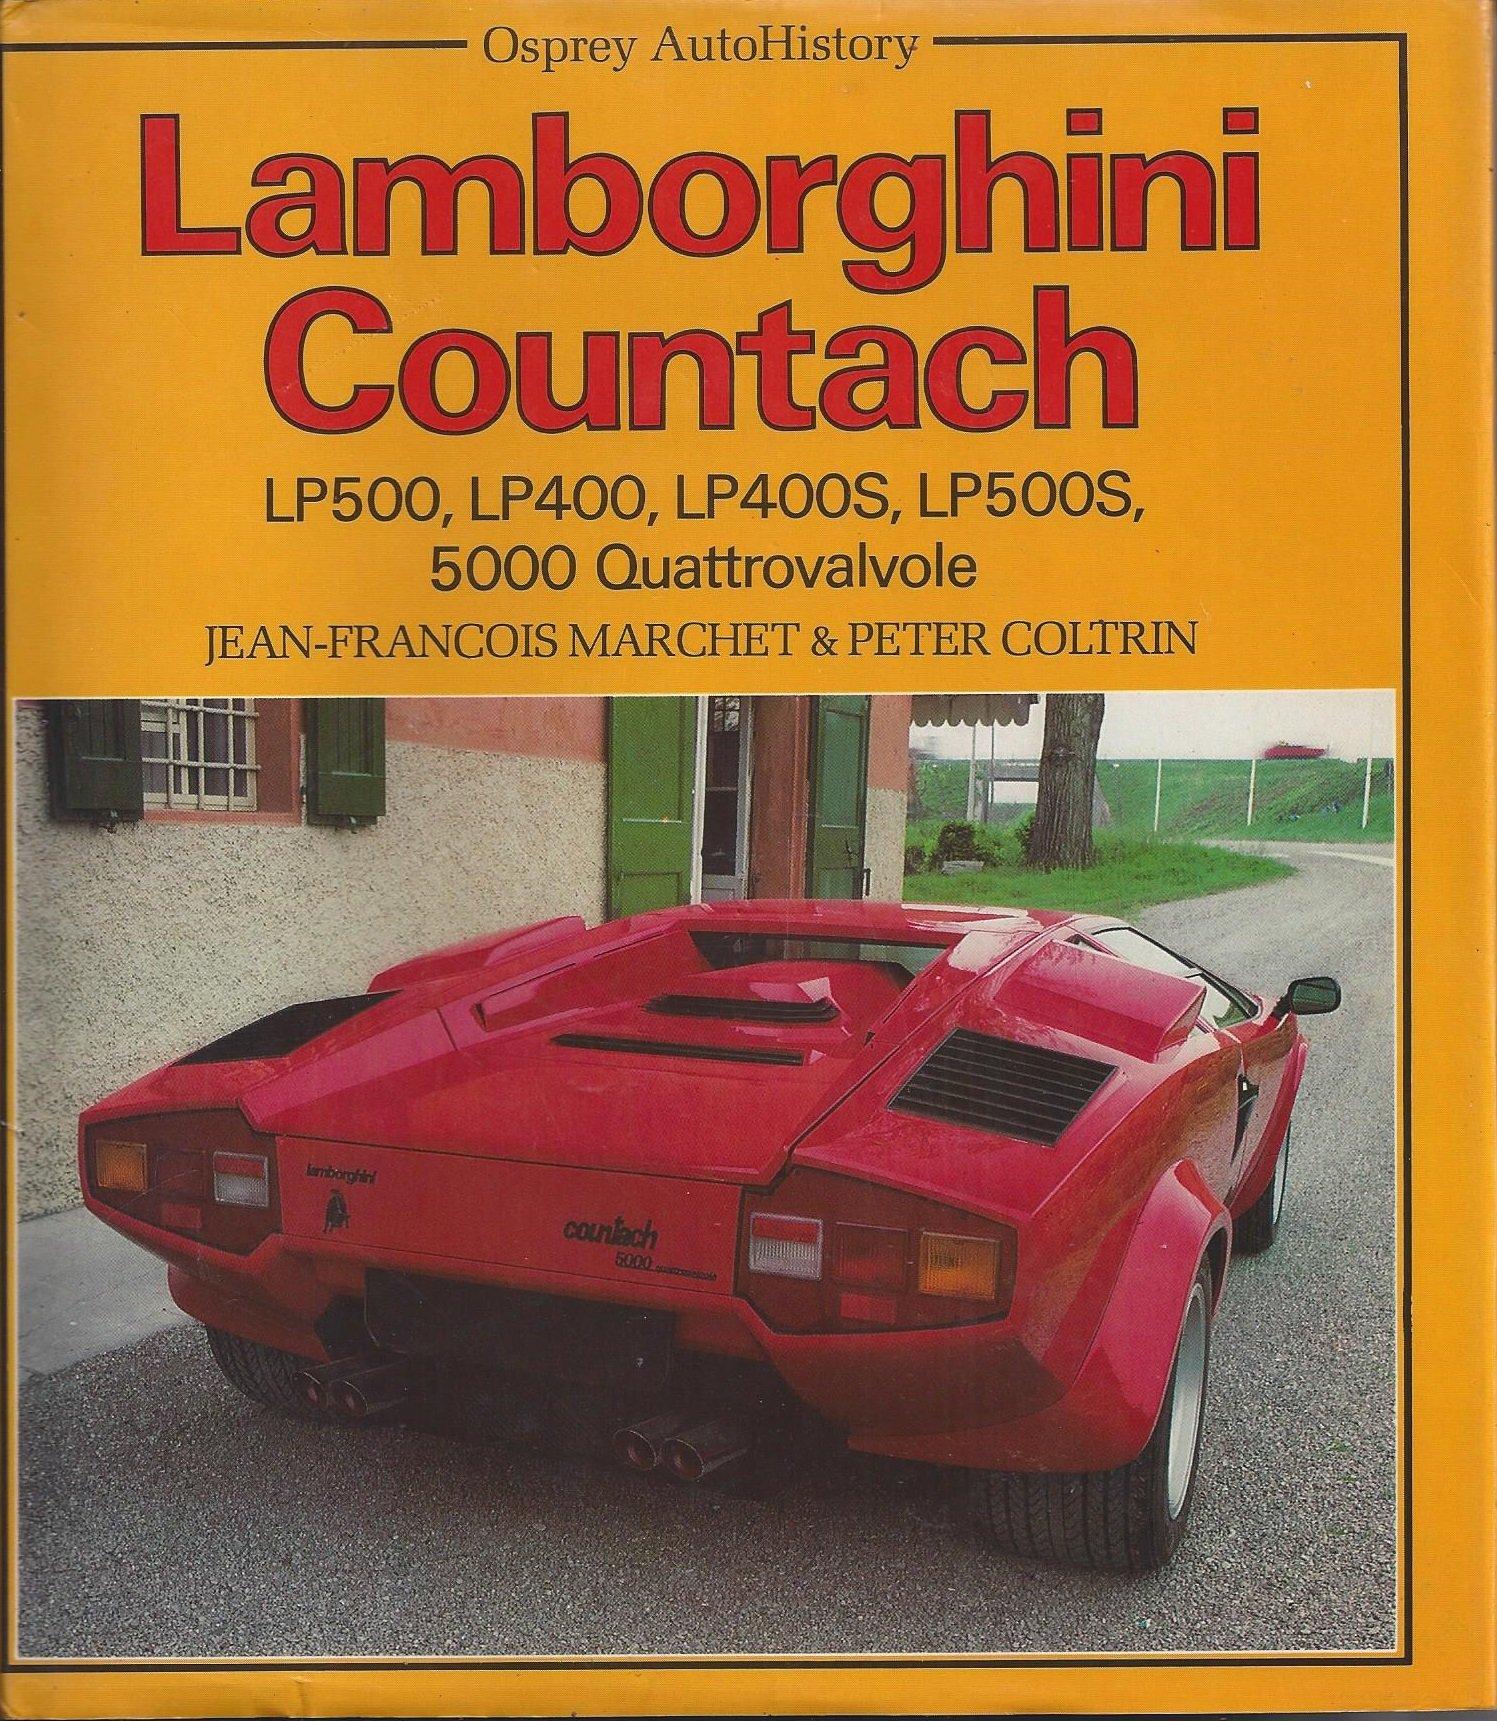 91iFYhijf9L Extraordinary Lamborghini Countach 5000 Quattrovalvole Specs Cars Trend